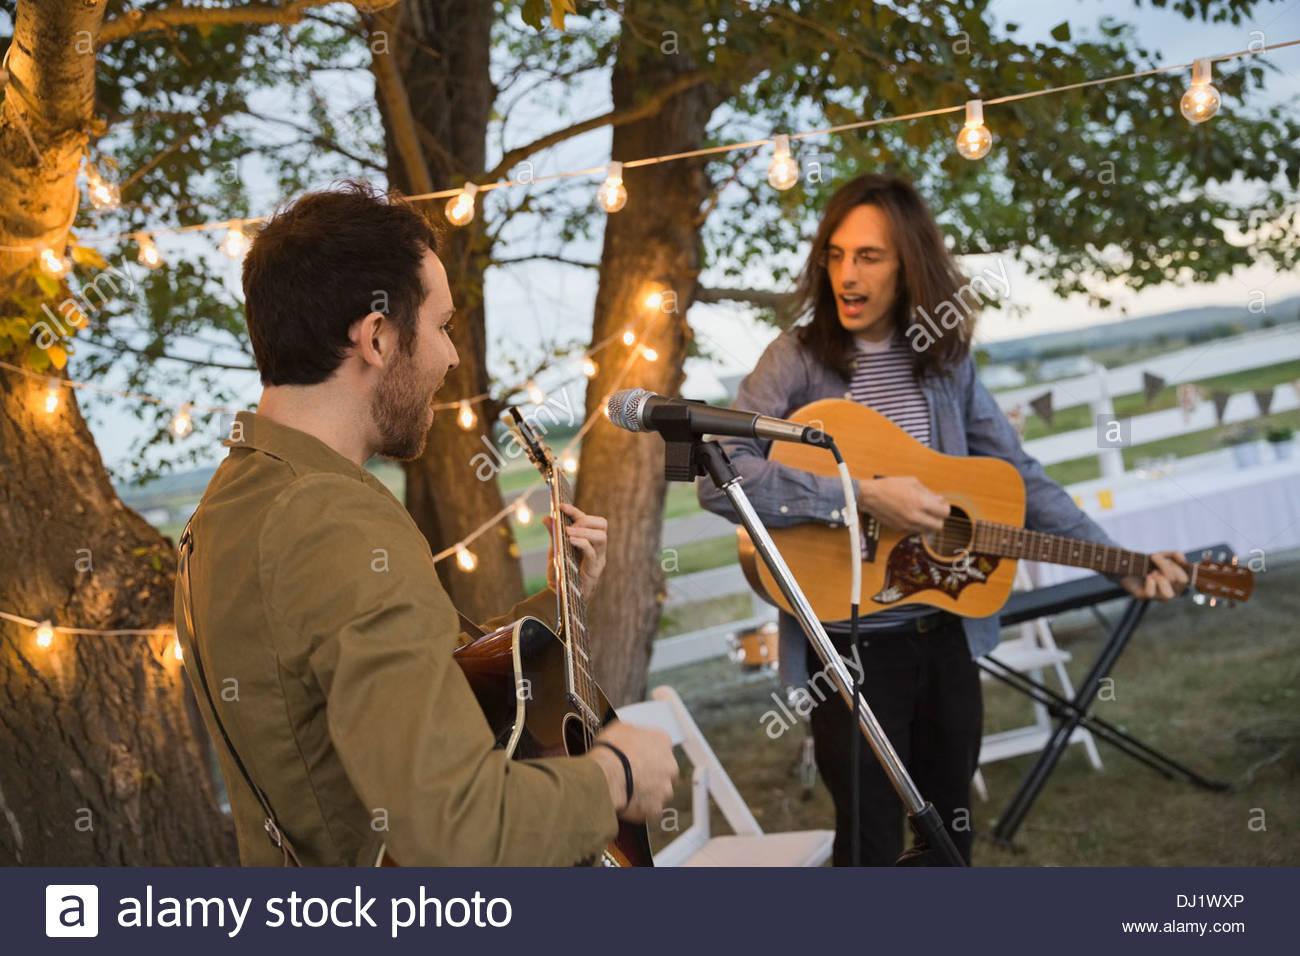 Hombres cantando mientras toca la guitarra durante la fiesta al aire libre Imagen De Stock